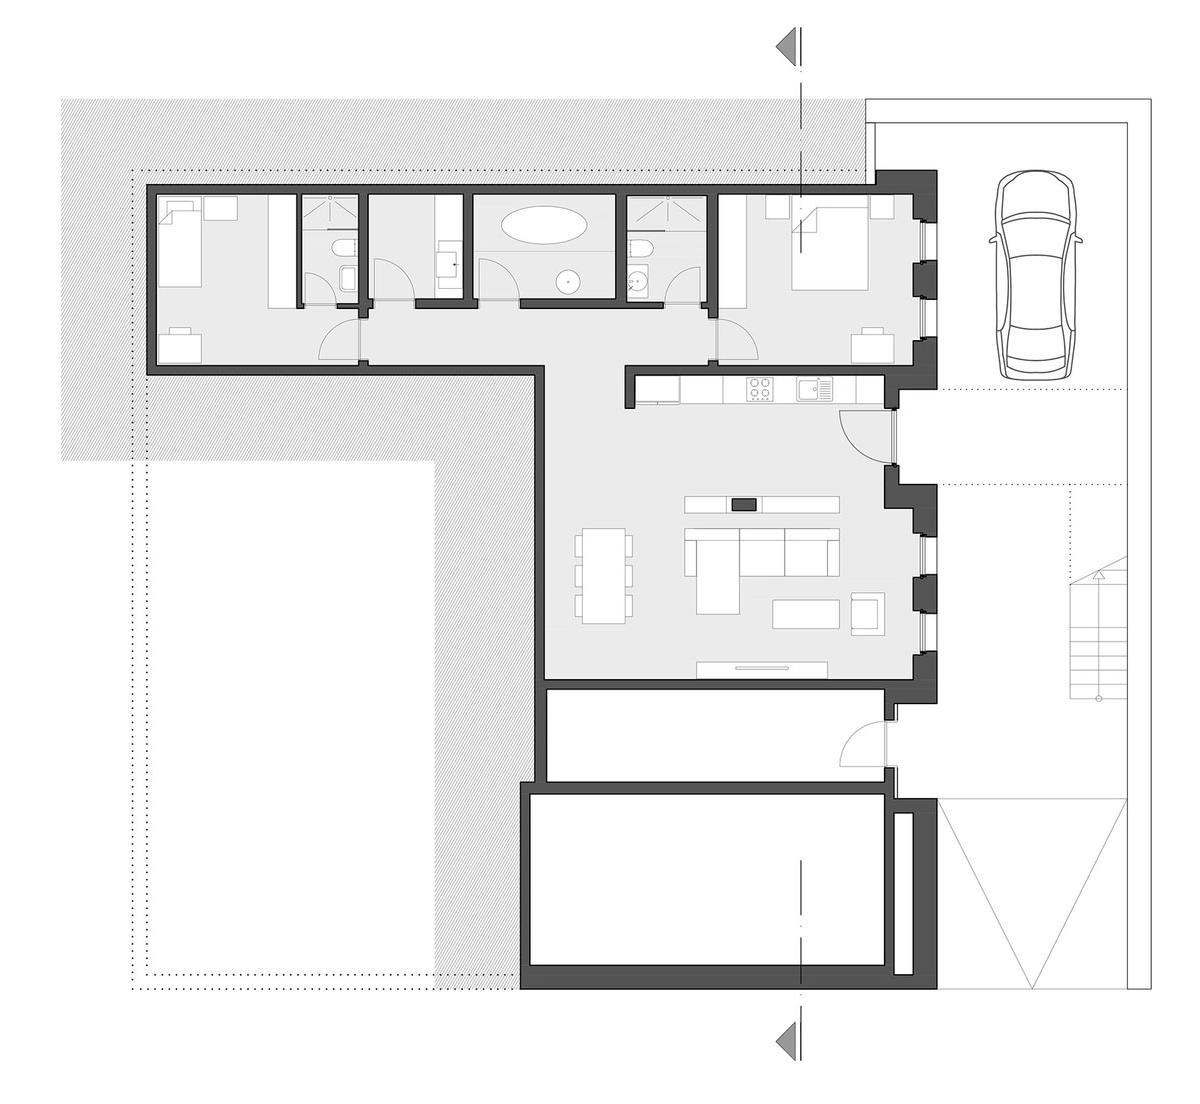 планировка частного дома, Gumus Su Villas, Cirakoglu Architects, фасад из камня, камень в интерьере, частный дом на склоне горы, потрясающий вид из окон